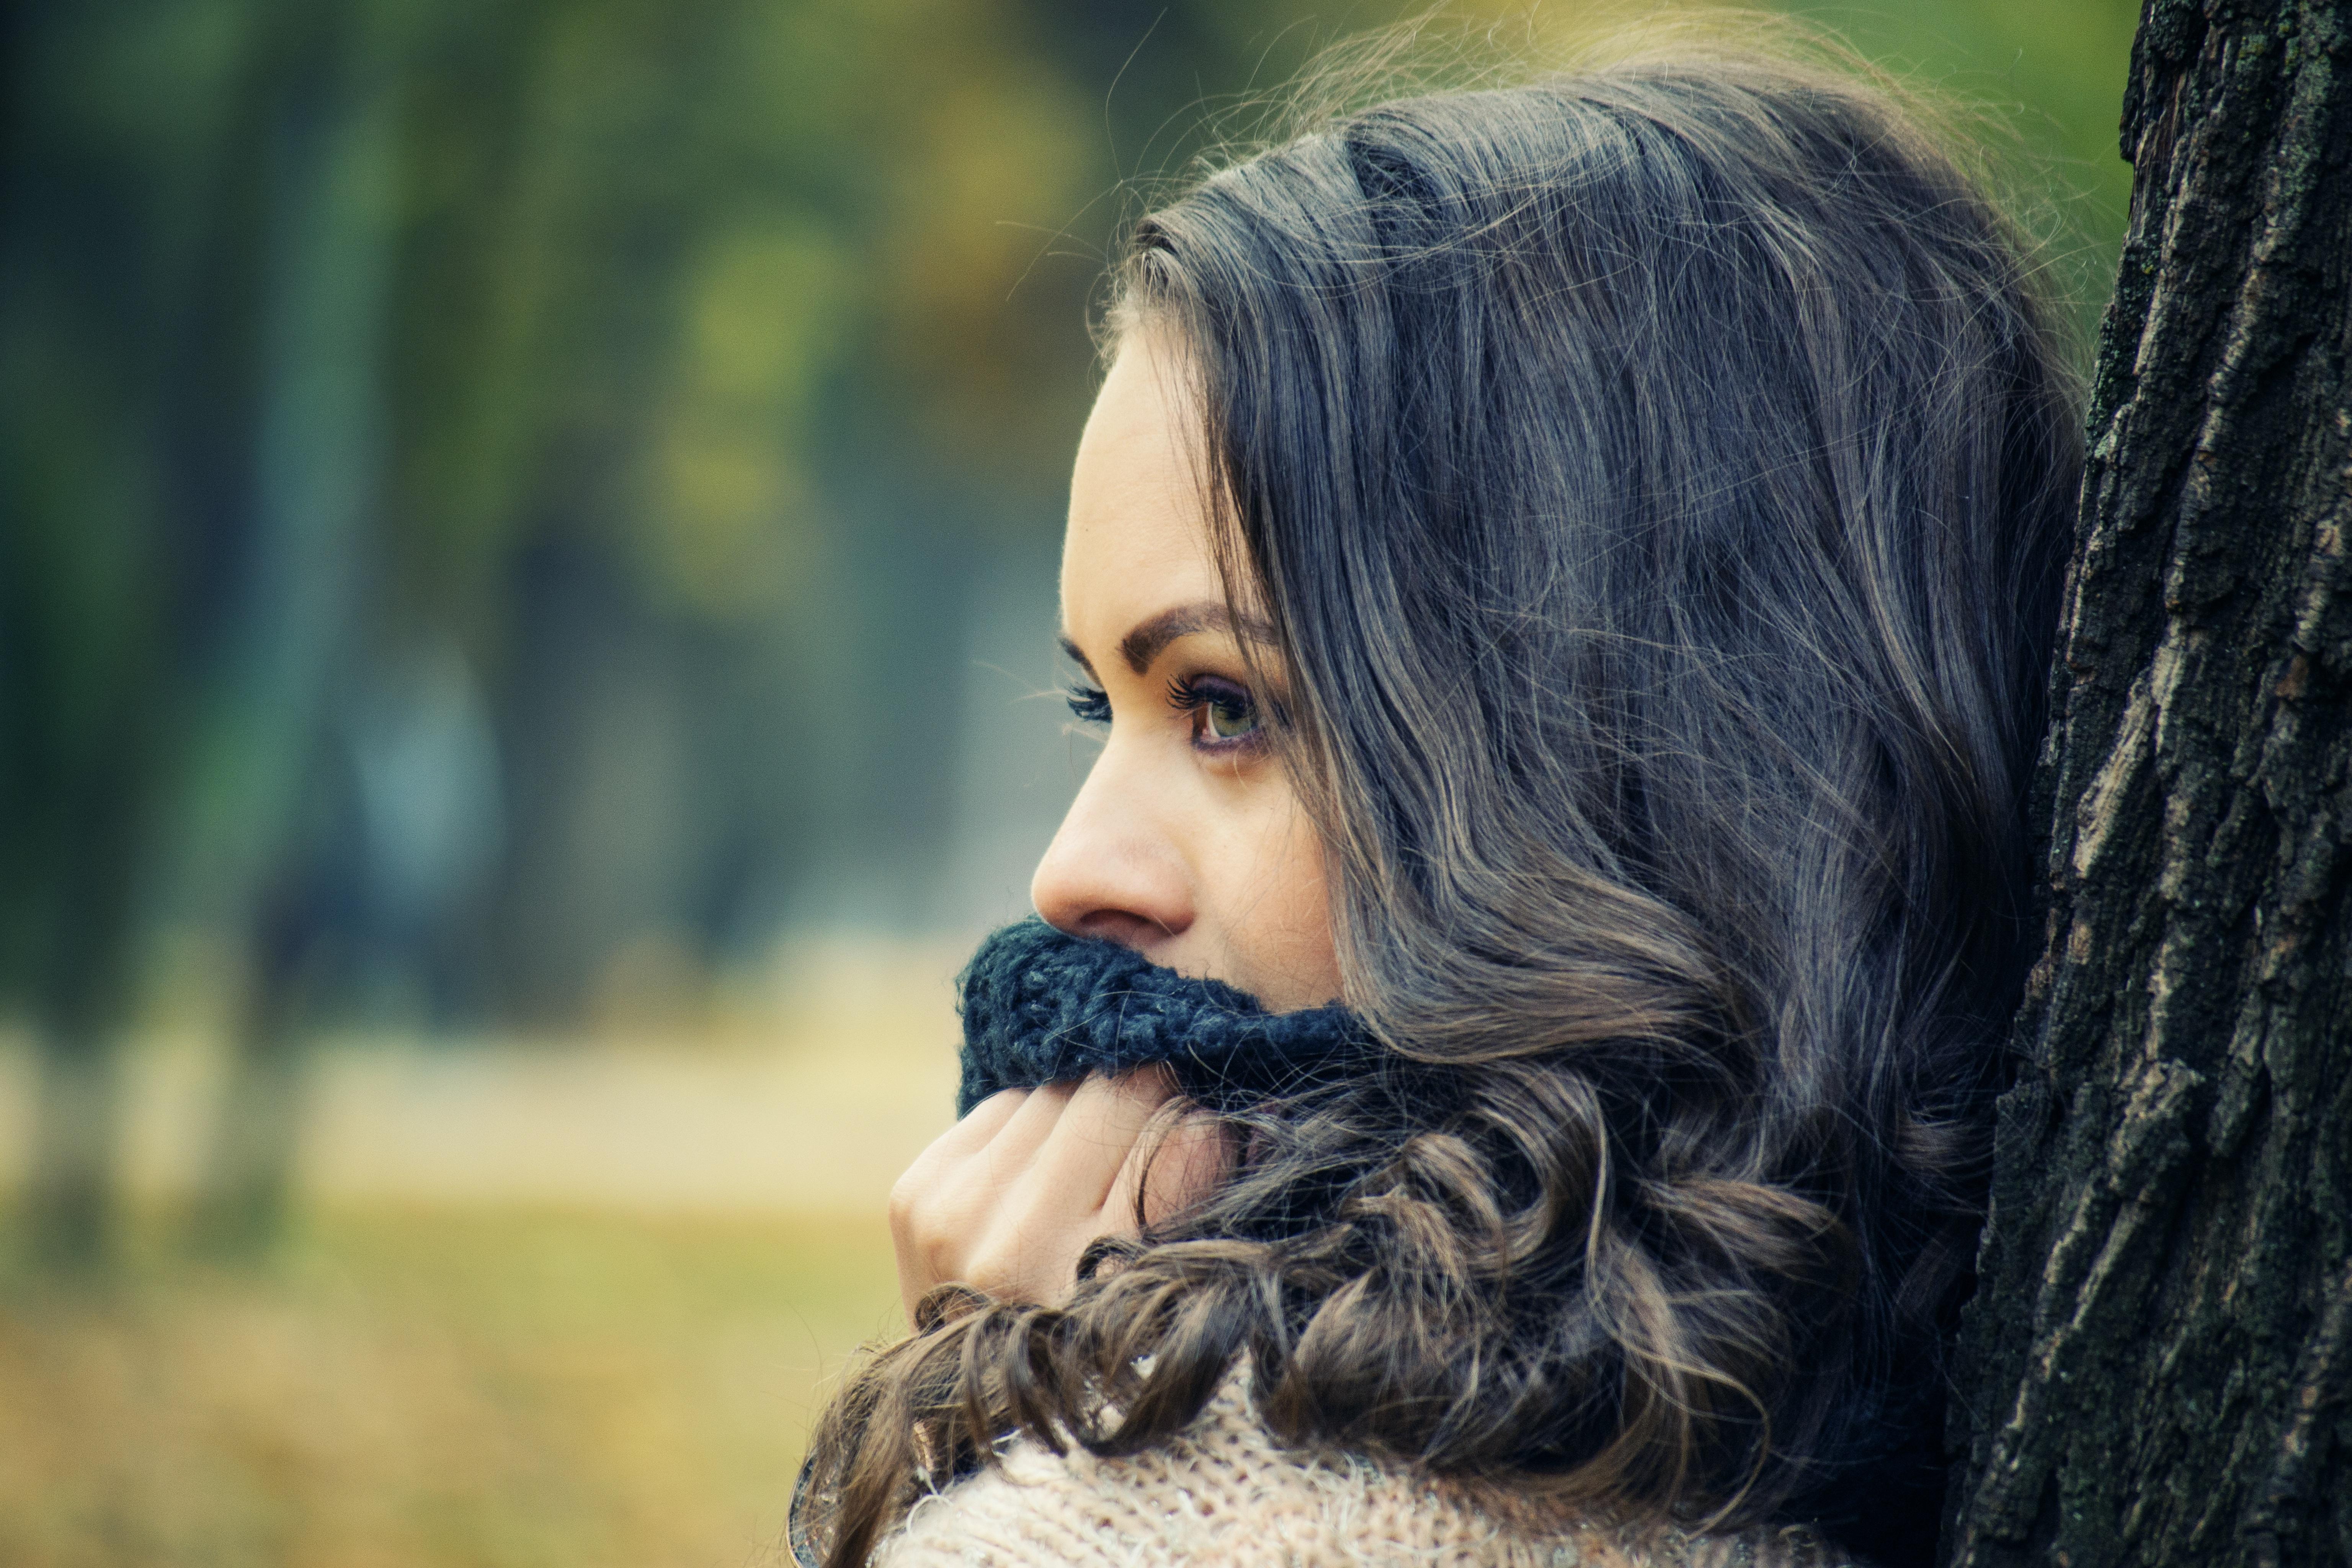 Fotograful de cautare model femeie